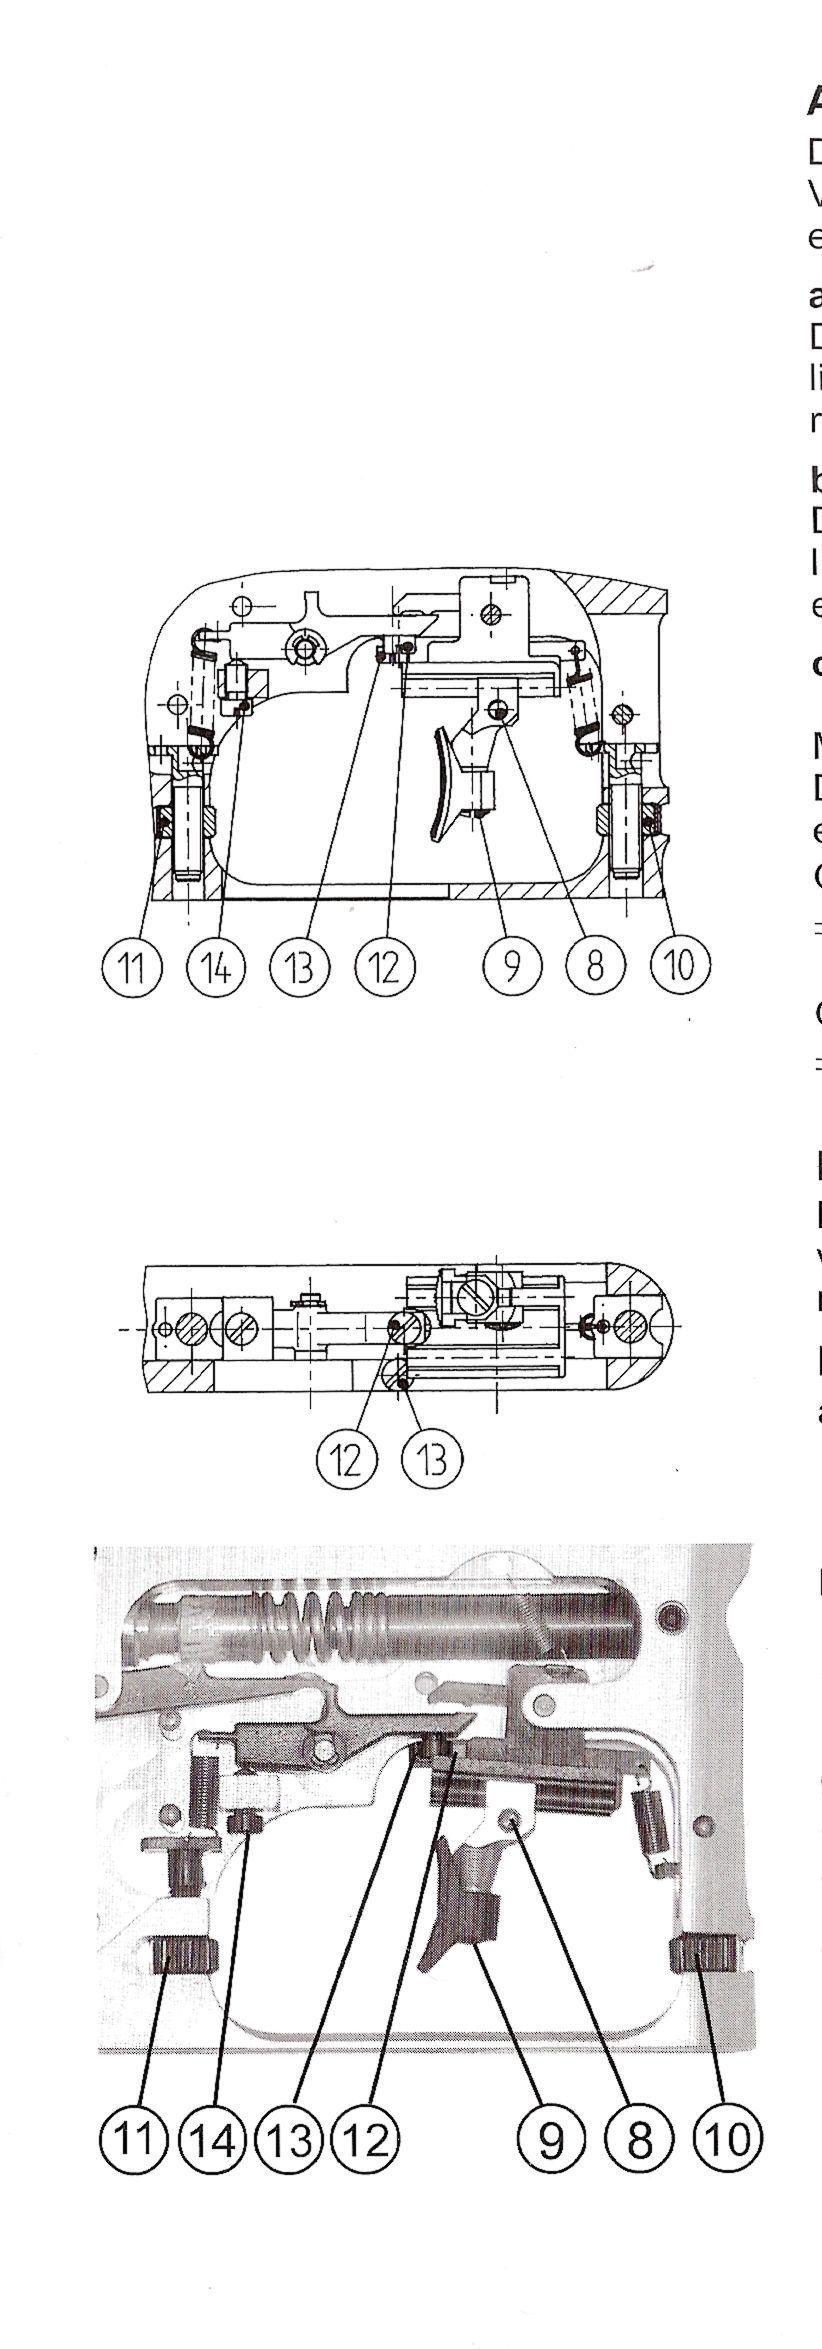 reglages detente carabine fein p700 110